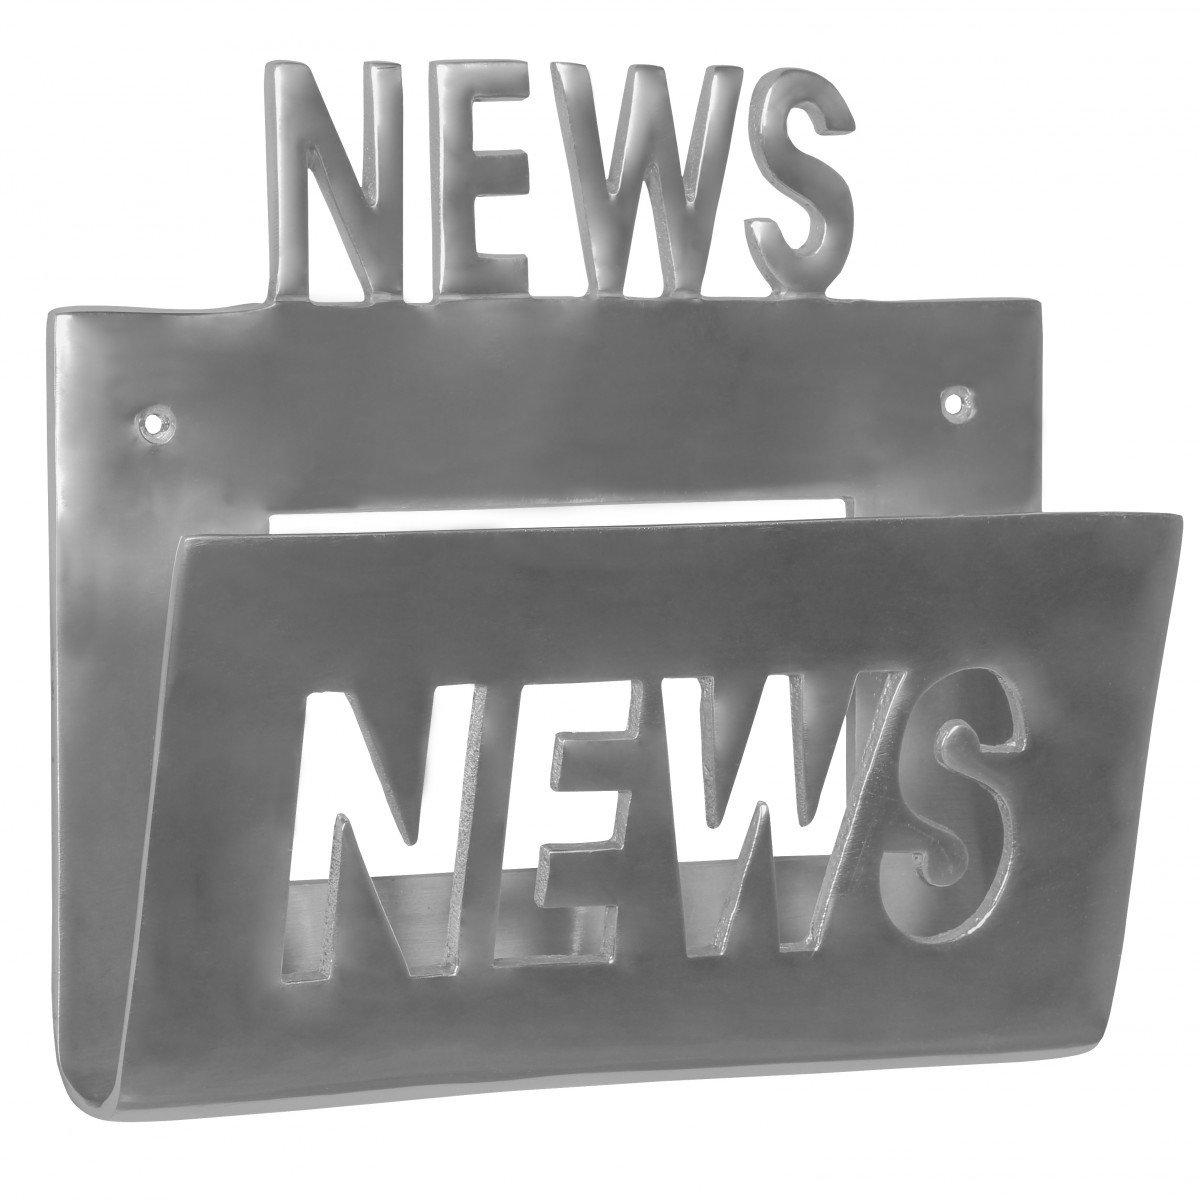 FineBuy Deko Wand Zeitungsst/änder Alu-Minium Zeitungshalter Metall Zeitschriftenhalter Industrial Style Silber-Farben zum auf-h/ängen Vintage Zeitschriftenst/änder h/ängend mit Ablagefach 30 x 27 cm